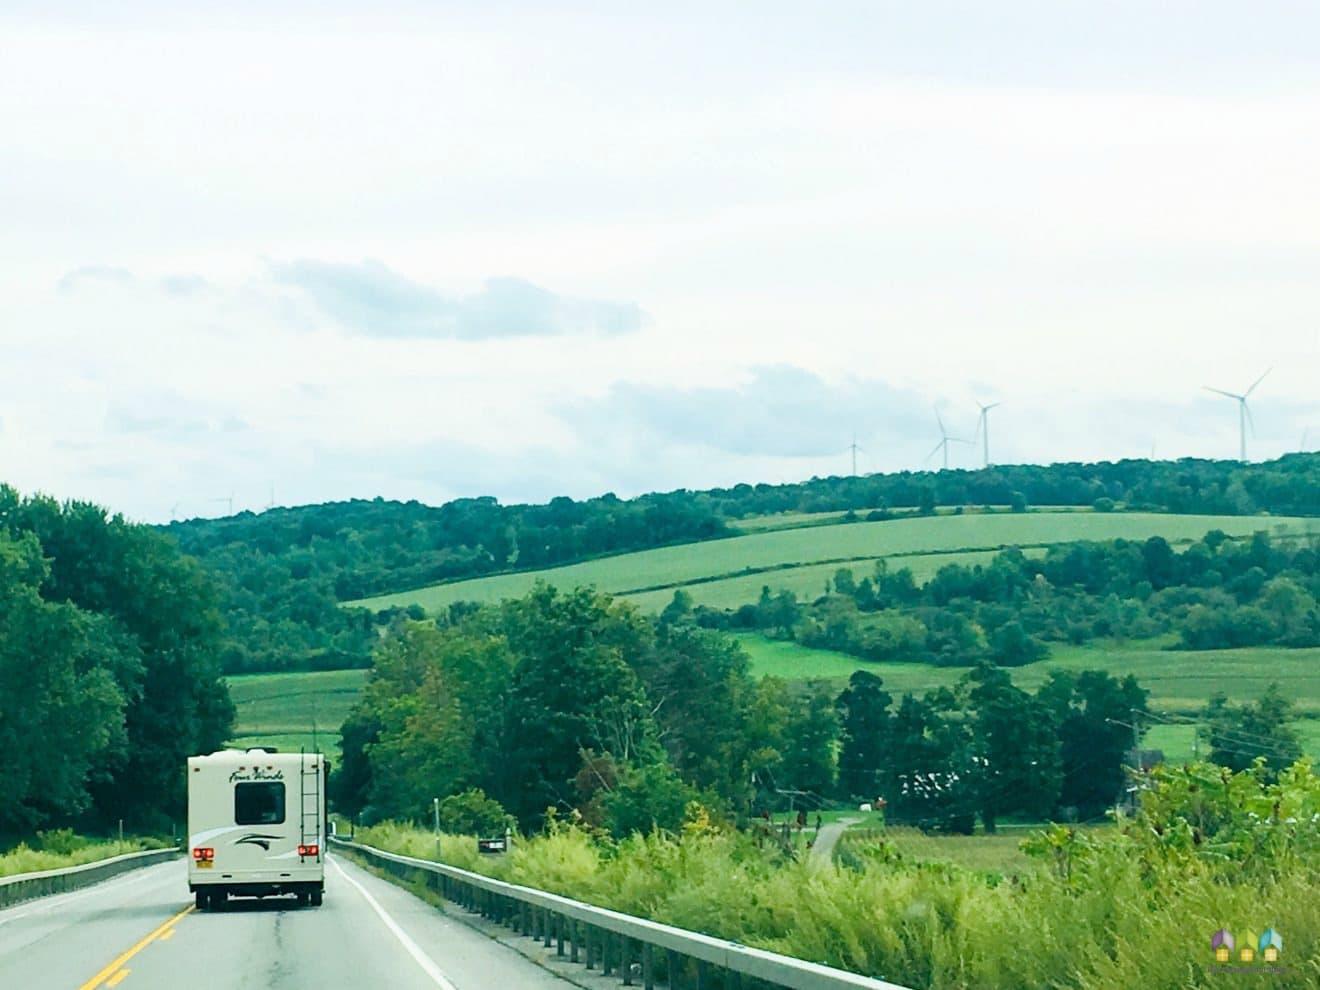 RV traveling